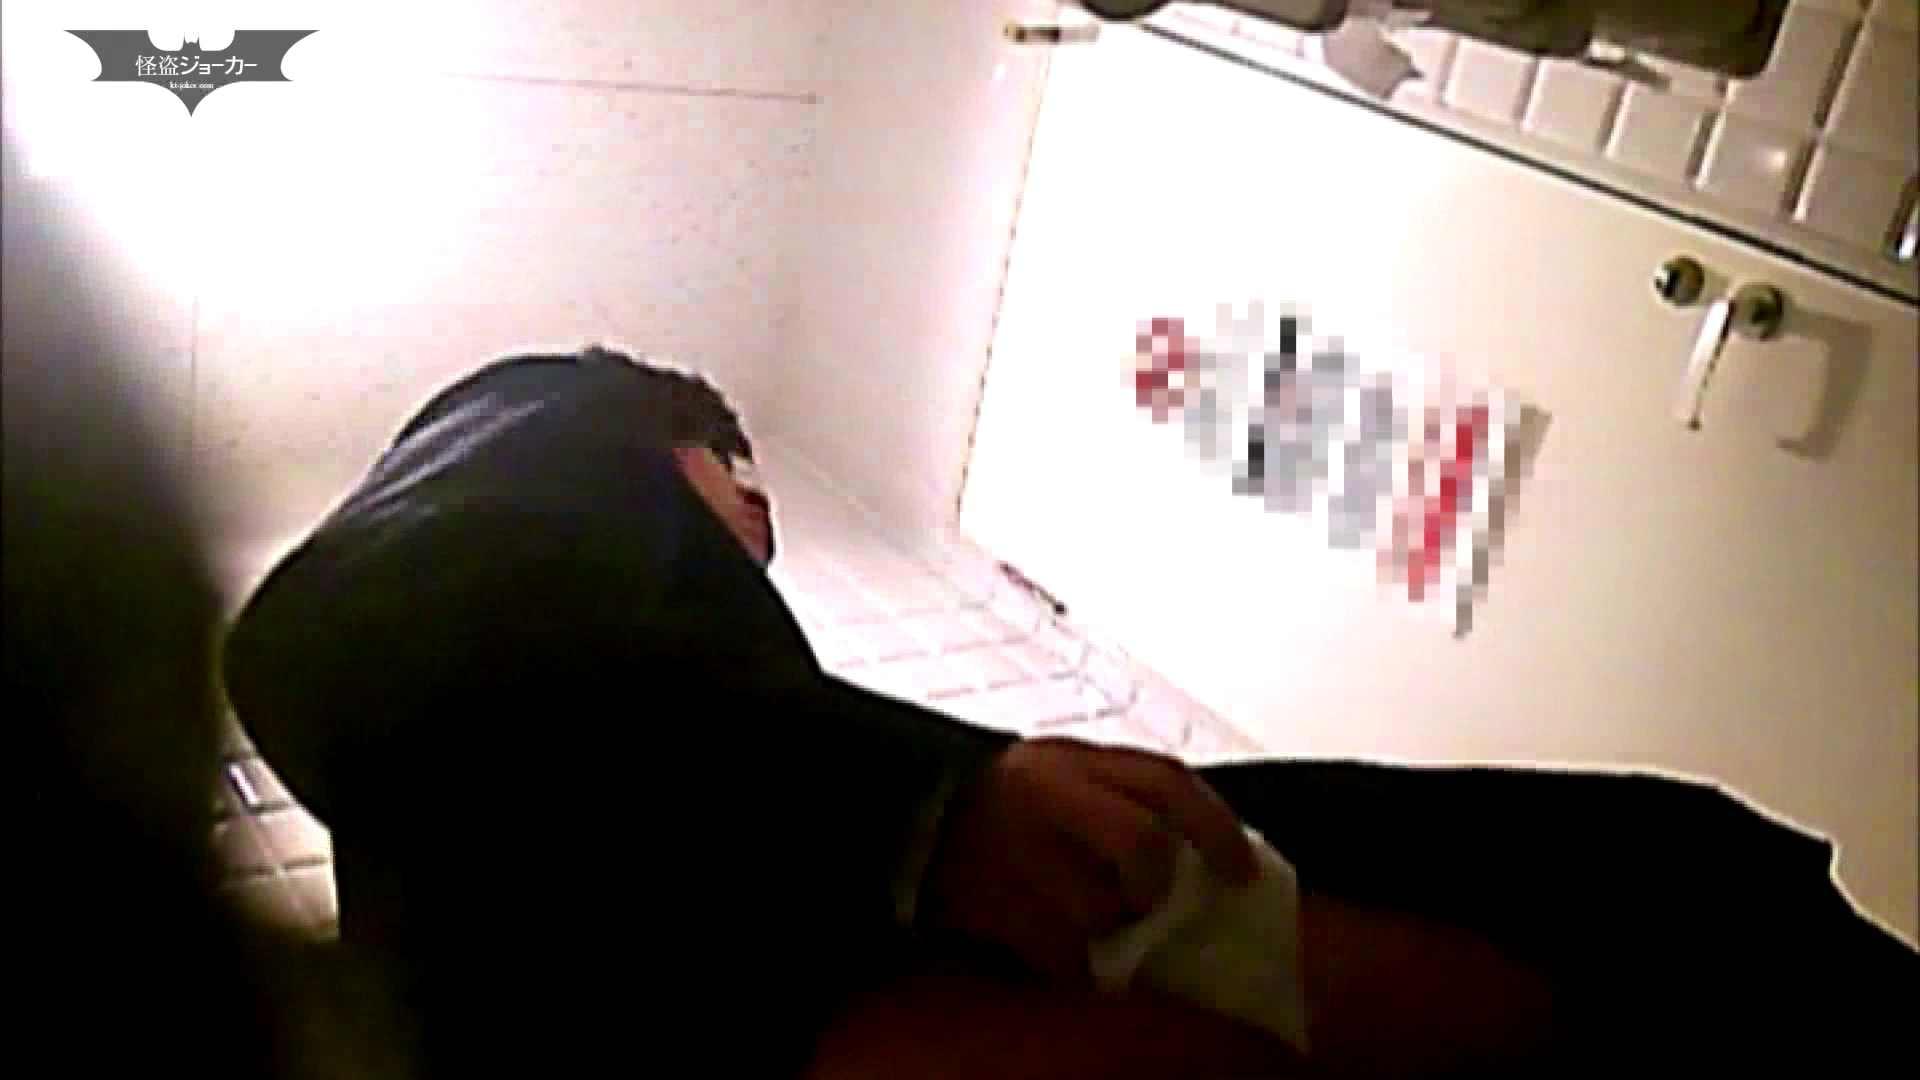 店長代理の盗撮録 Vol.02 制服ばかりをあつめてみました。その2 期間限定 盗撮ワレメ無修正動画無料 47pic 7